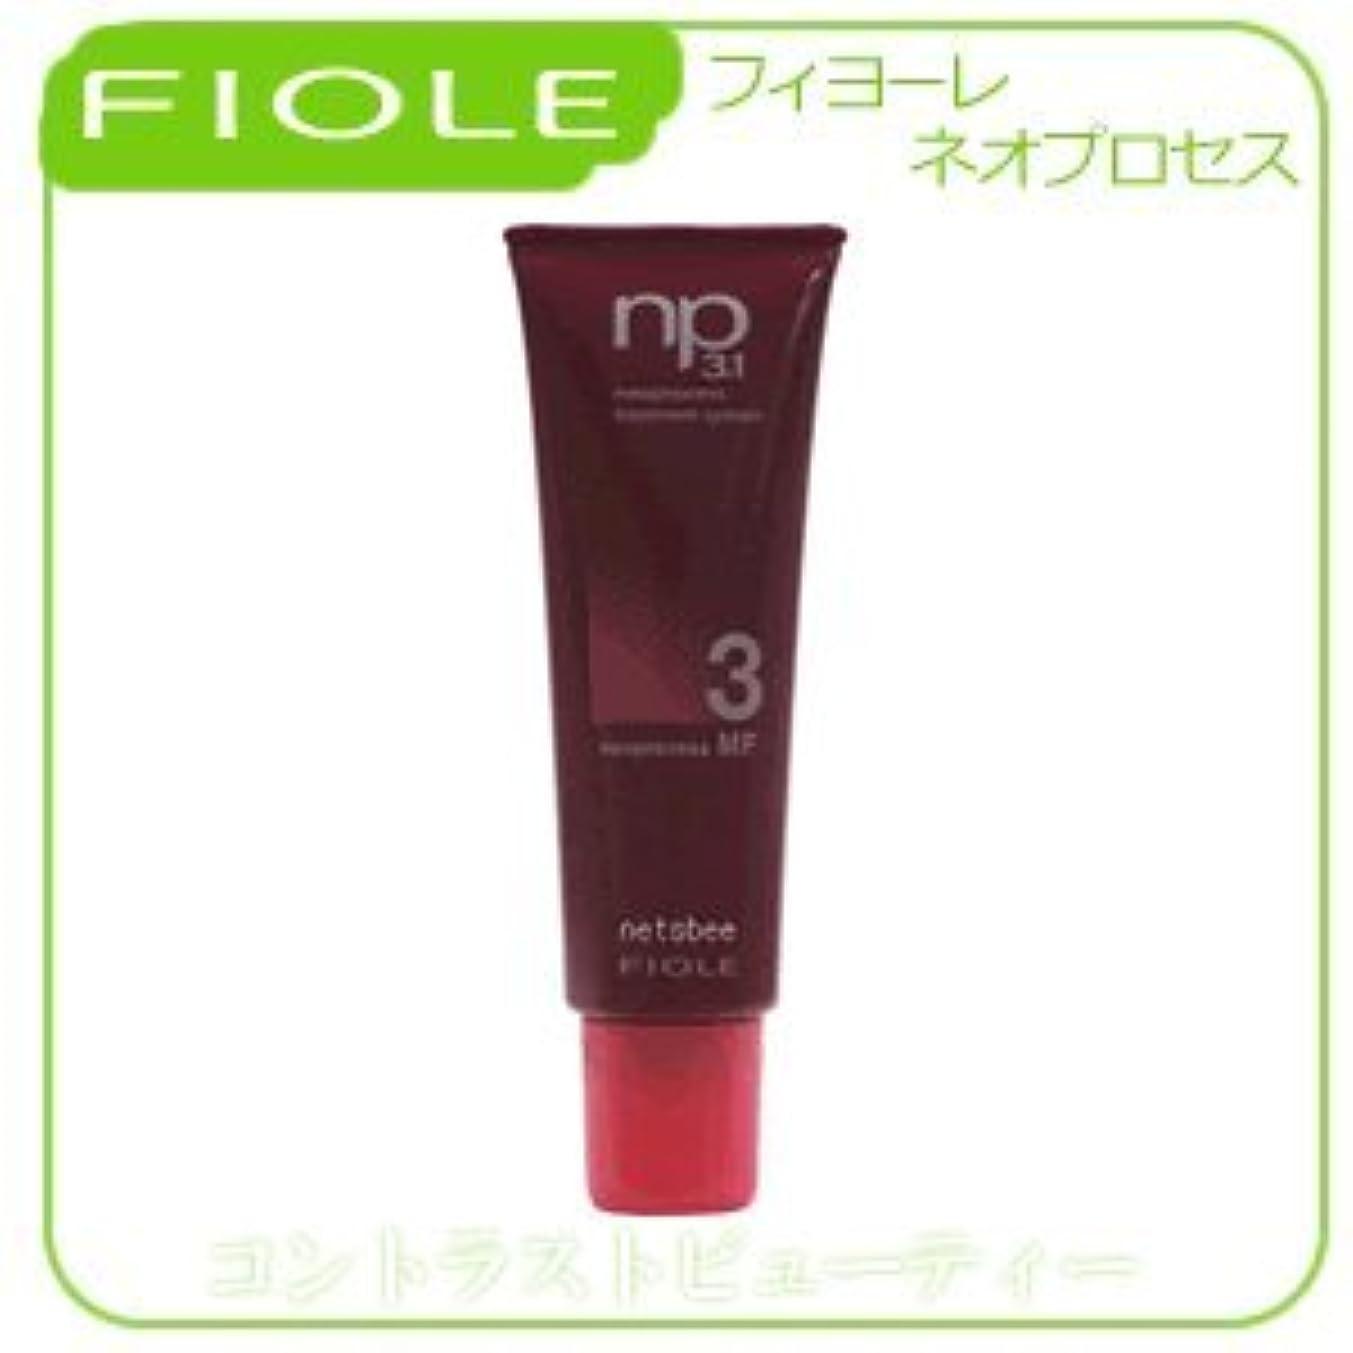 没頭する弱まる主要な【X2個セット】 フィヨーレ NP3.1 ネオプロセス MF3 130g FIOLE ネオプロセス